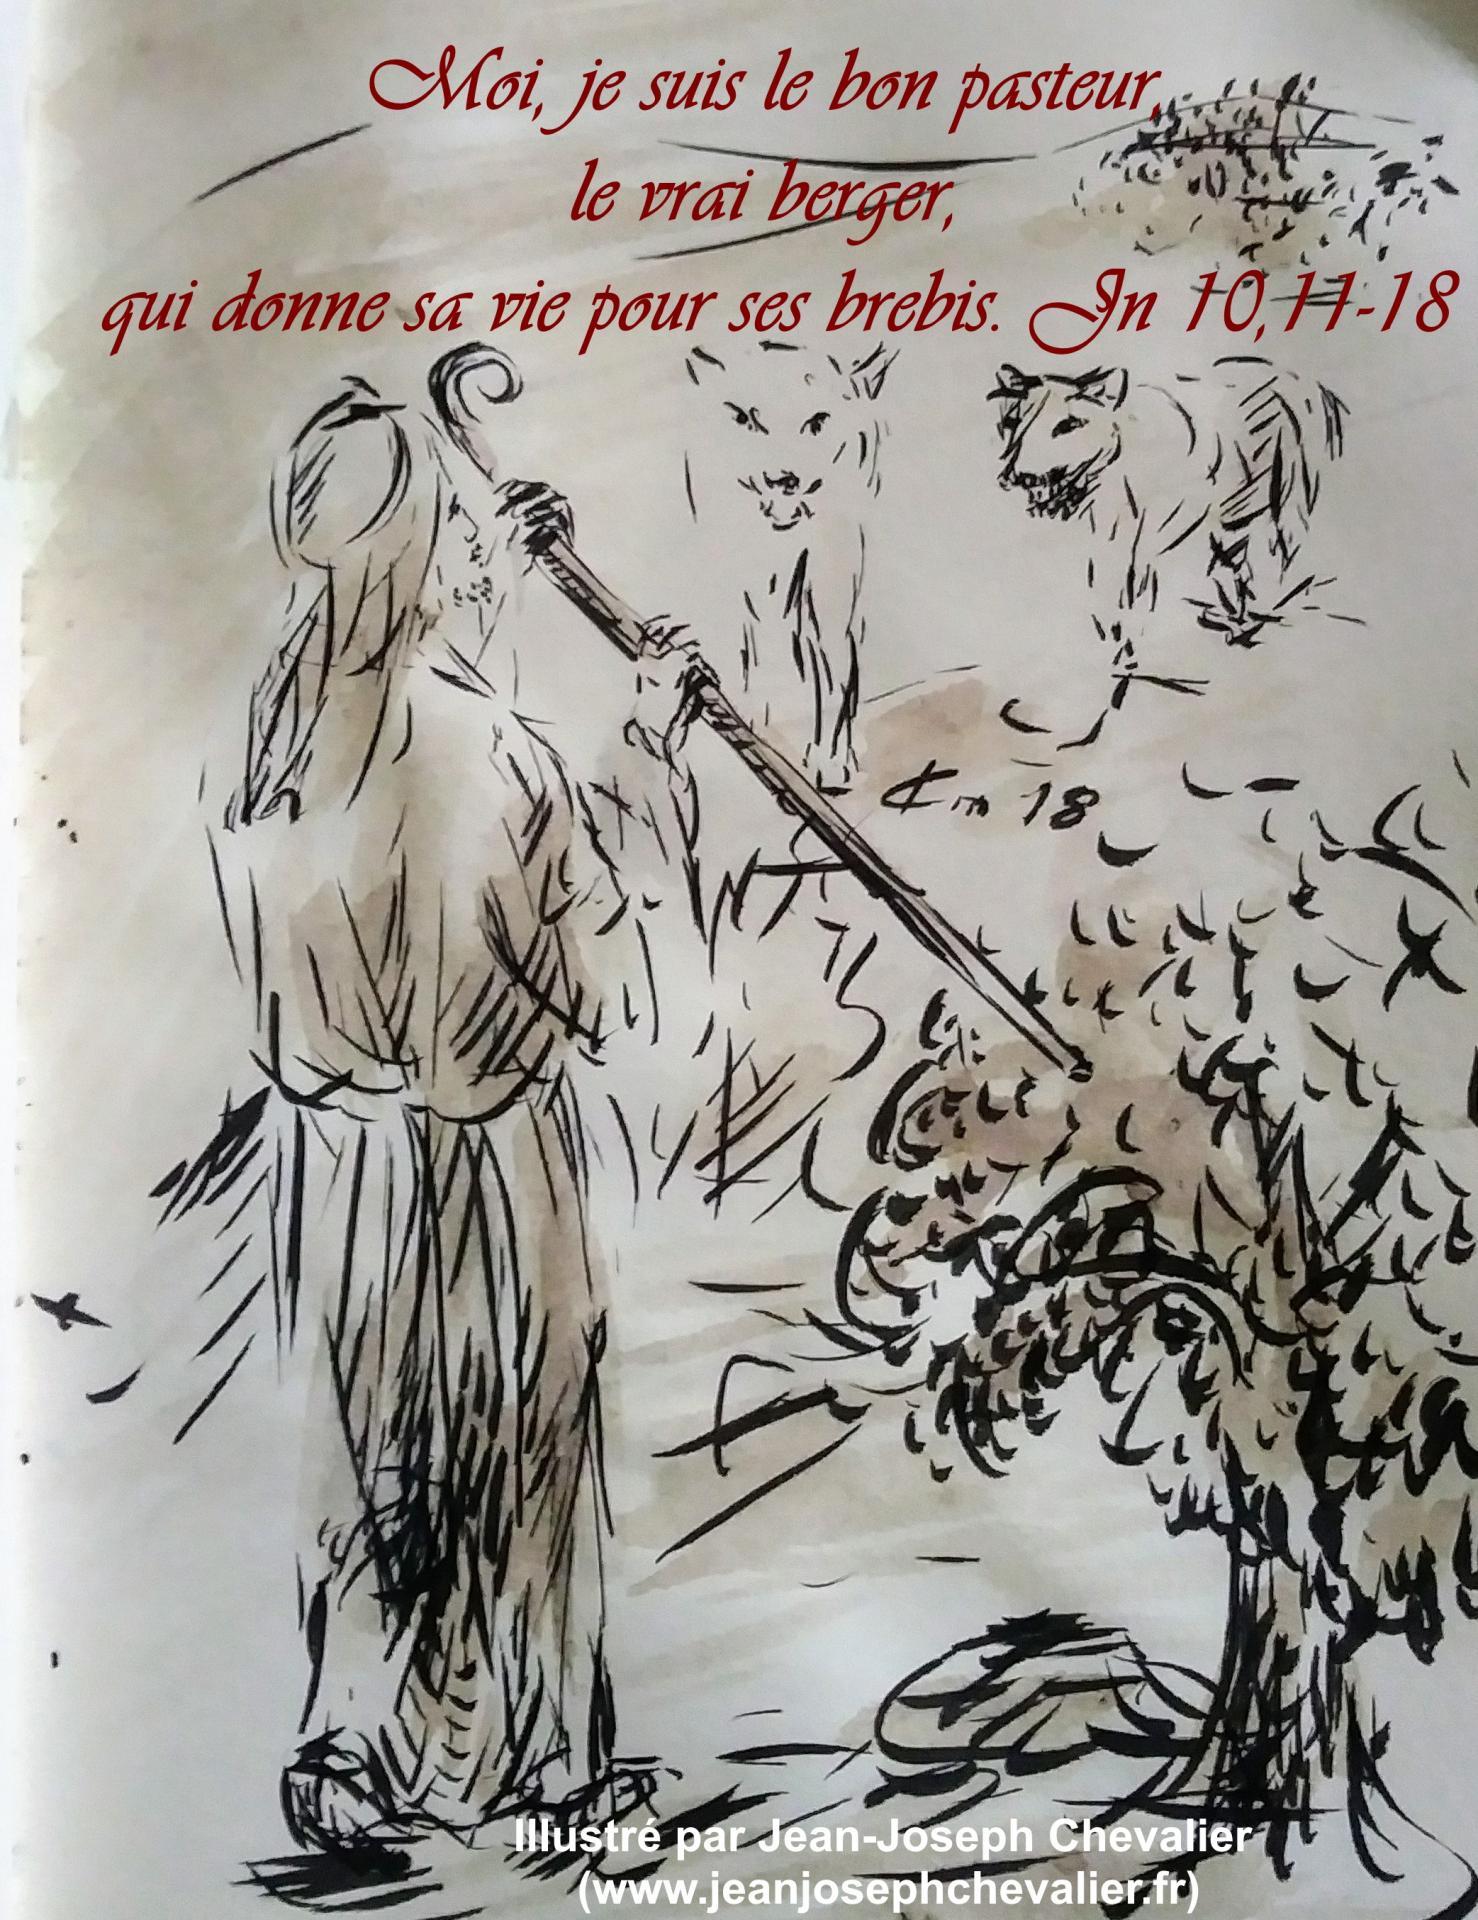 22 avril 2018 evangile du jour illustre par un dessin au lavis de jean joseph chevalier image